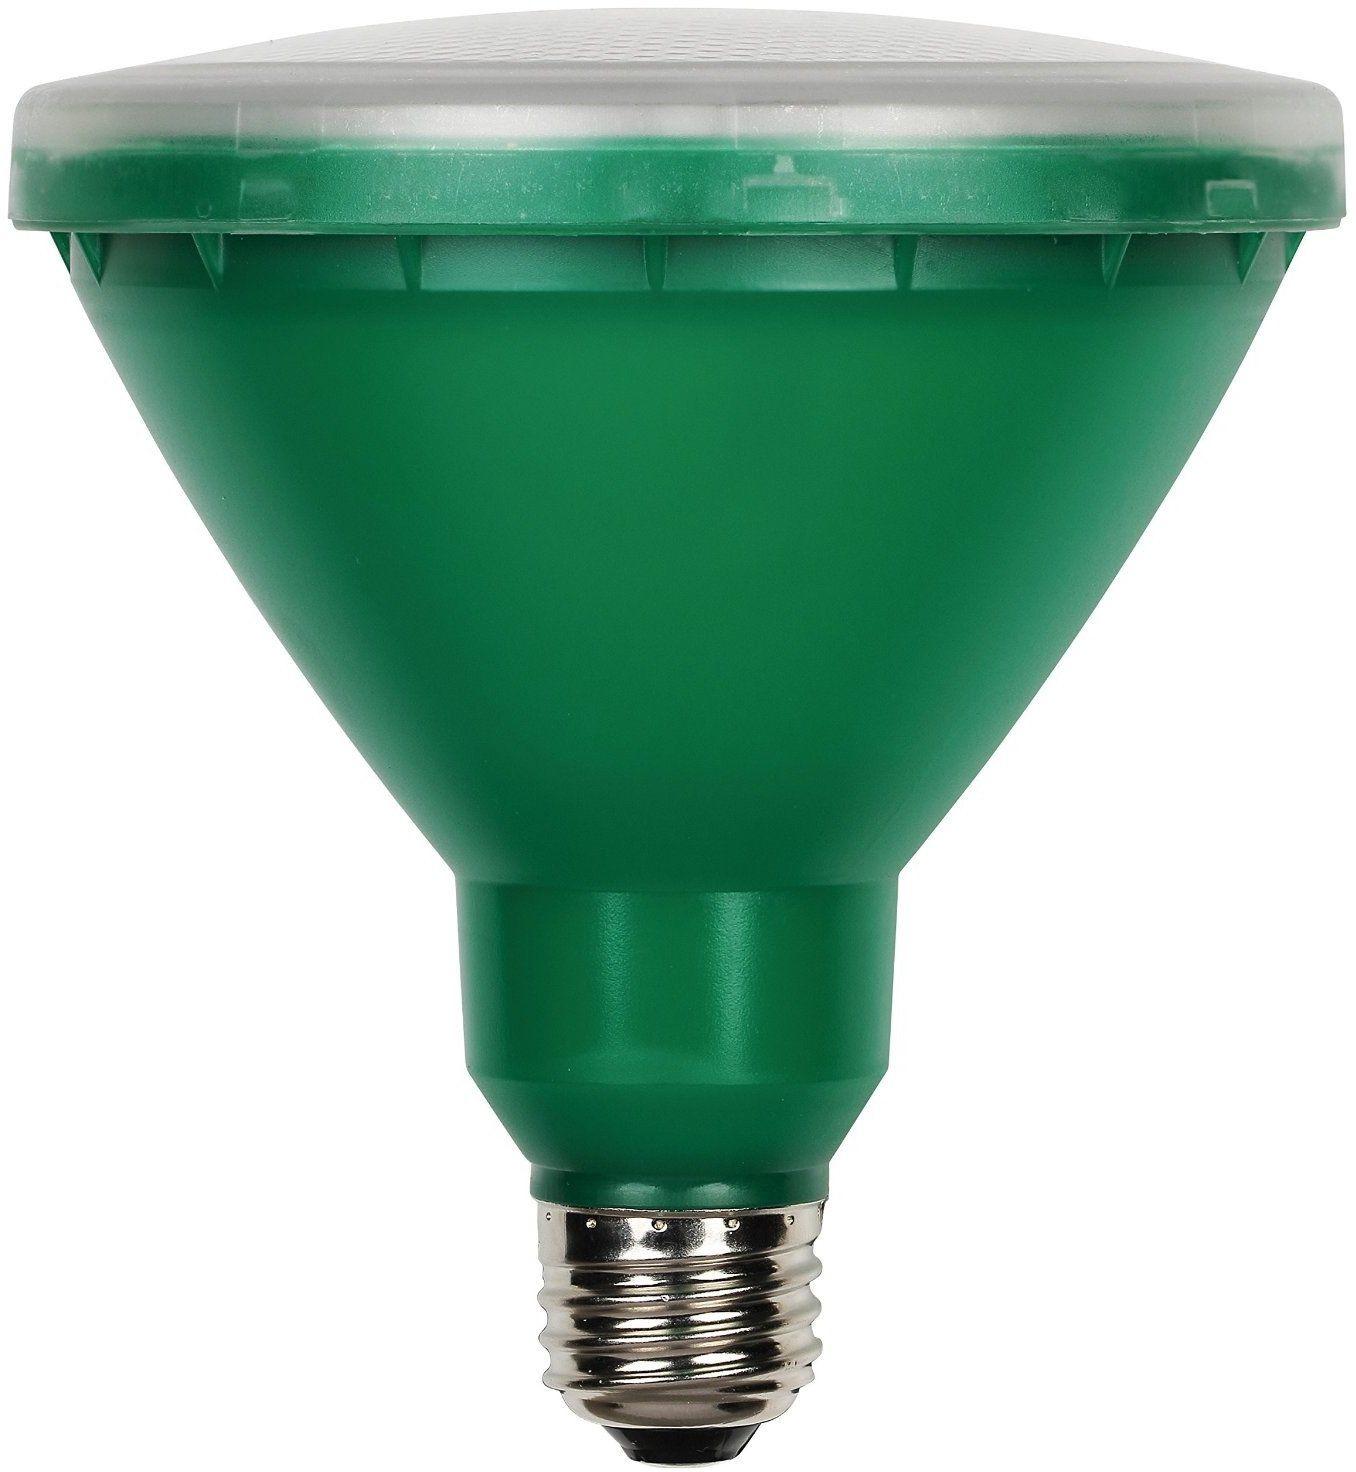 Westinghouse 03149 LED Outdoor Flood Light Bulb, 15 Watt